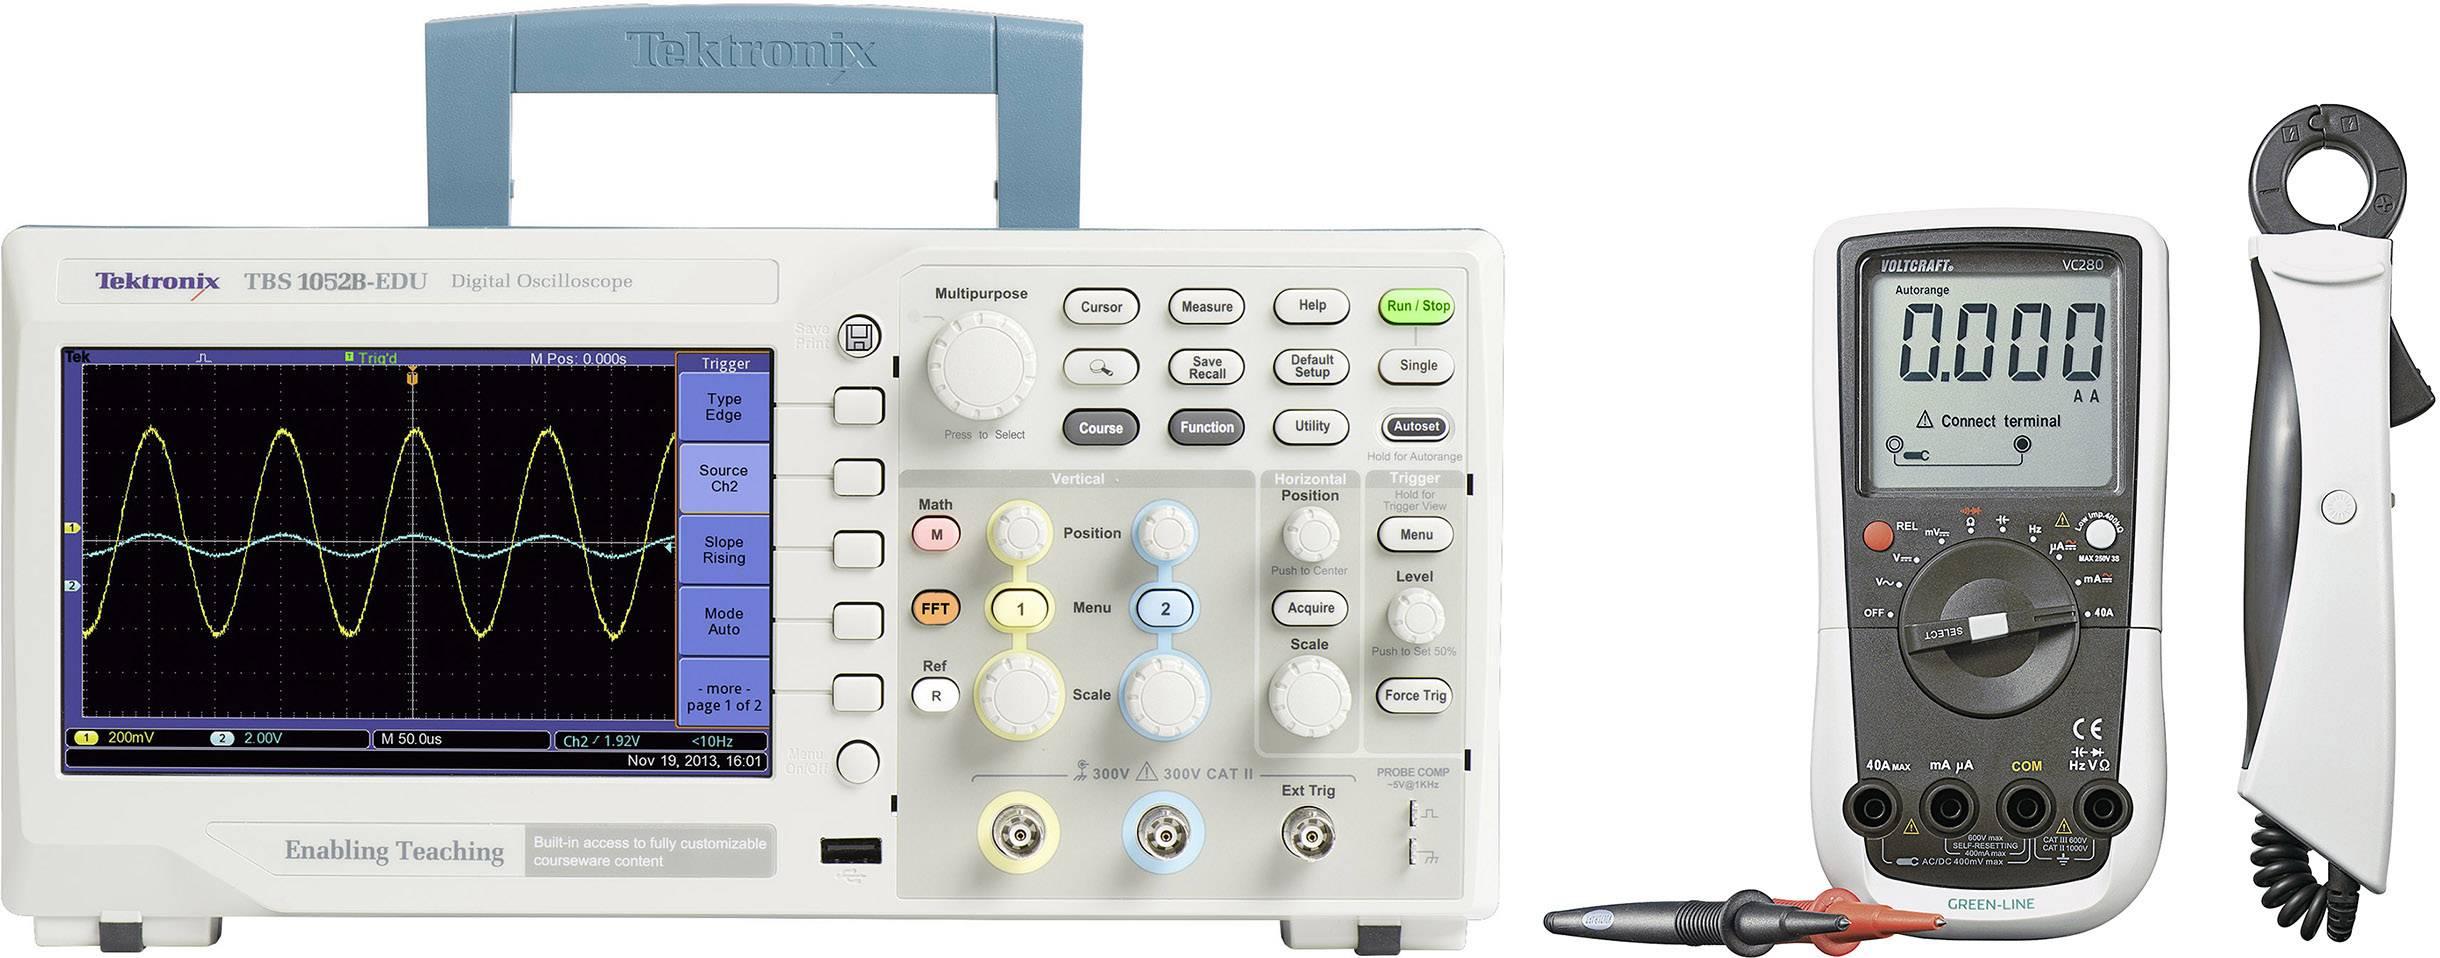 Digitálny osciloskop Tektronix TBS1052B-EDU + multimetr DMM VC280, sada, 50 MHz, 2-kanálový, kalibrácia podľa ISO